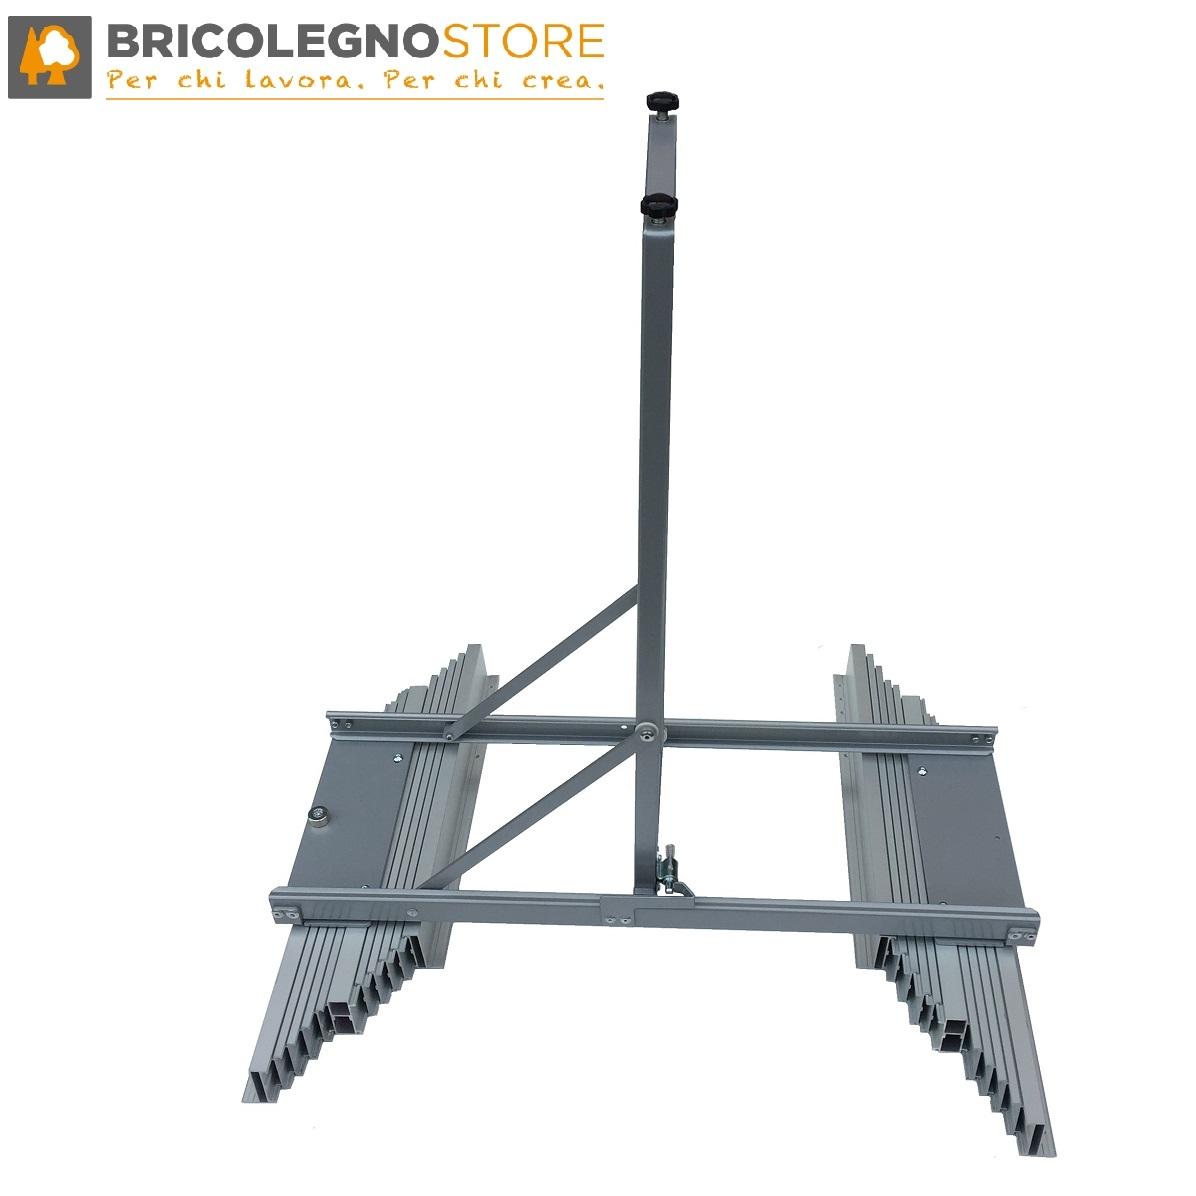 Guide Per Cassetto E Tavolo Multimarca Guide Allungabili Telescopiche In Alluminio Con Gamba Centrale Per Tavoli Estensibili E Consolle